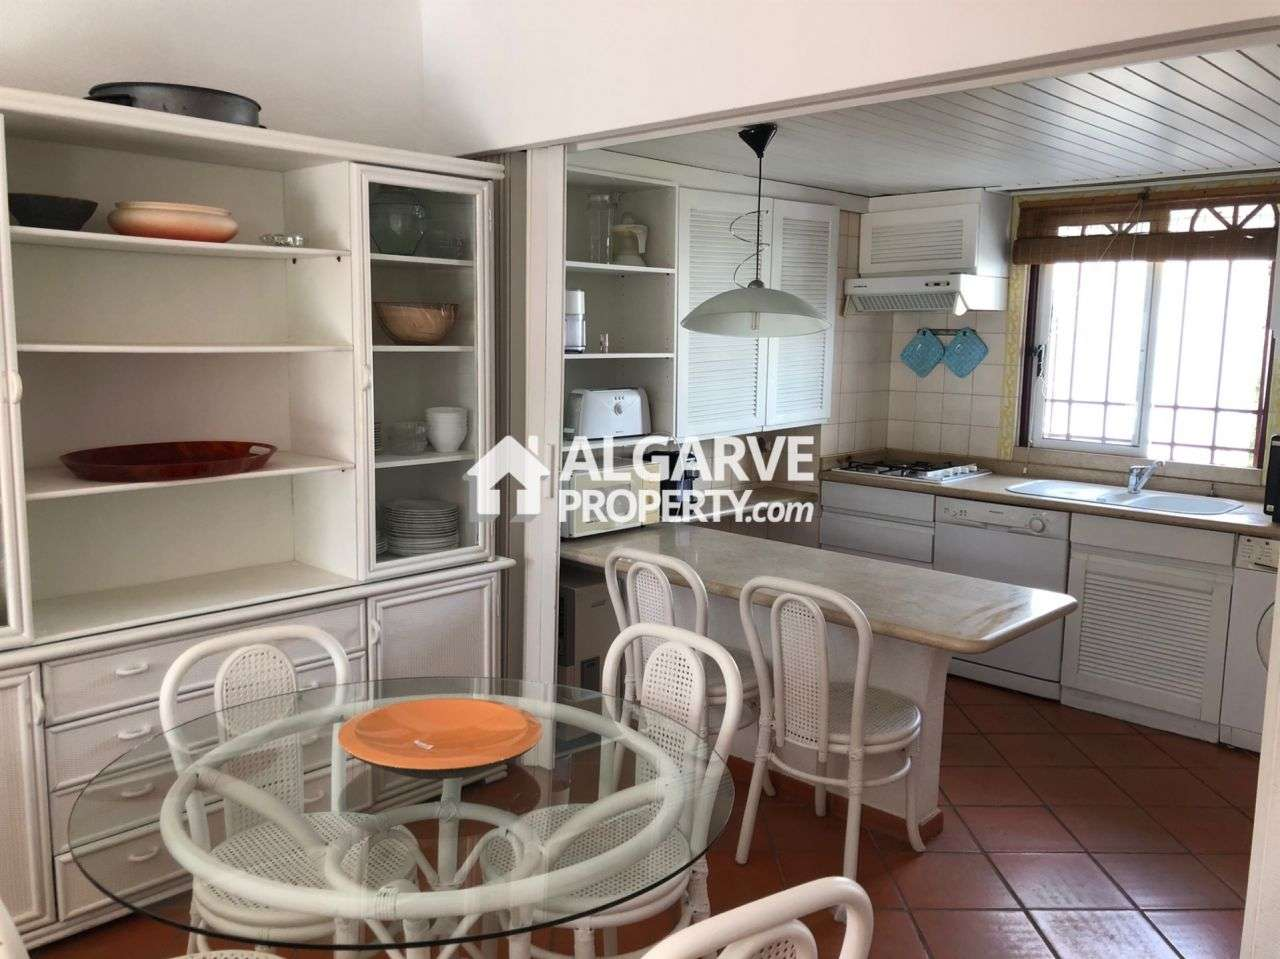 Apartamento para comprar, Quarteira, Loulé, Faro - Foto 16